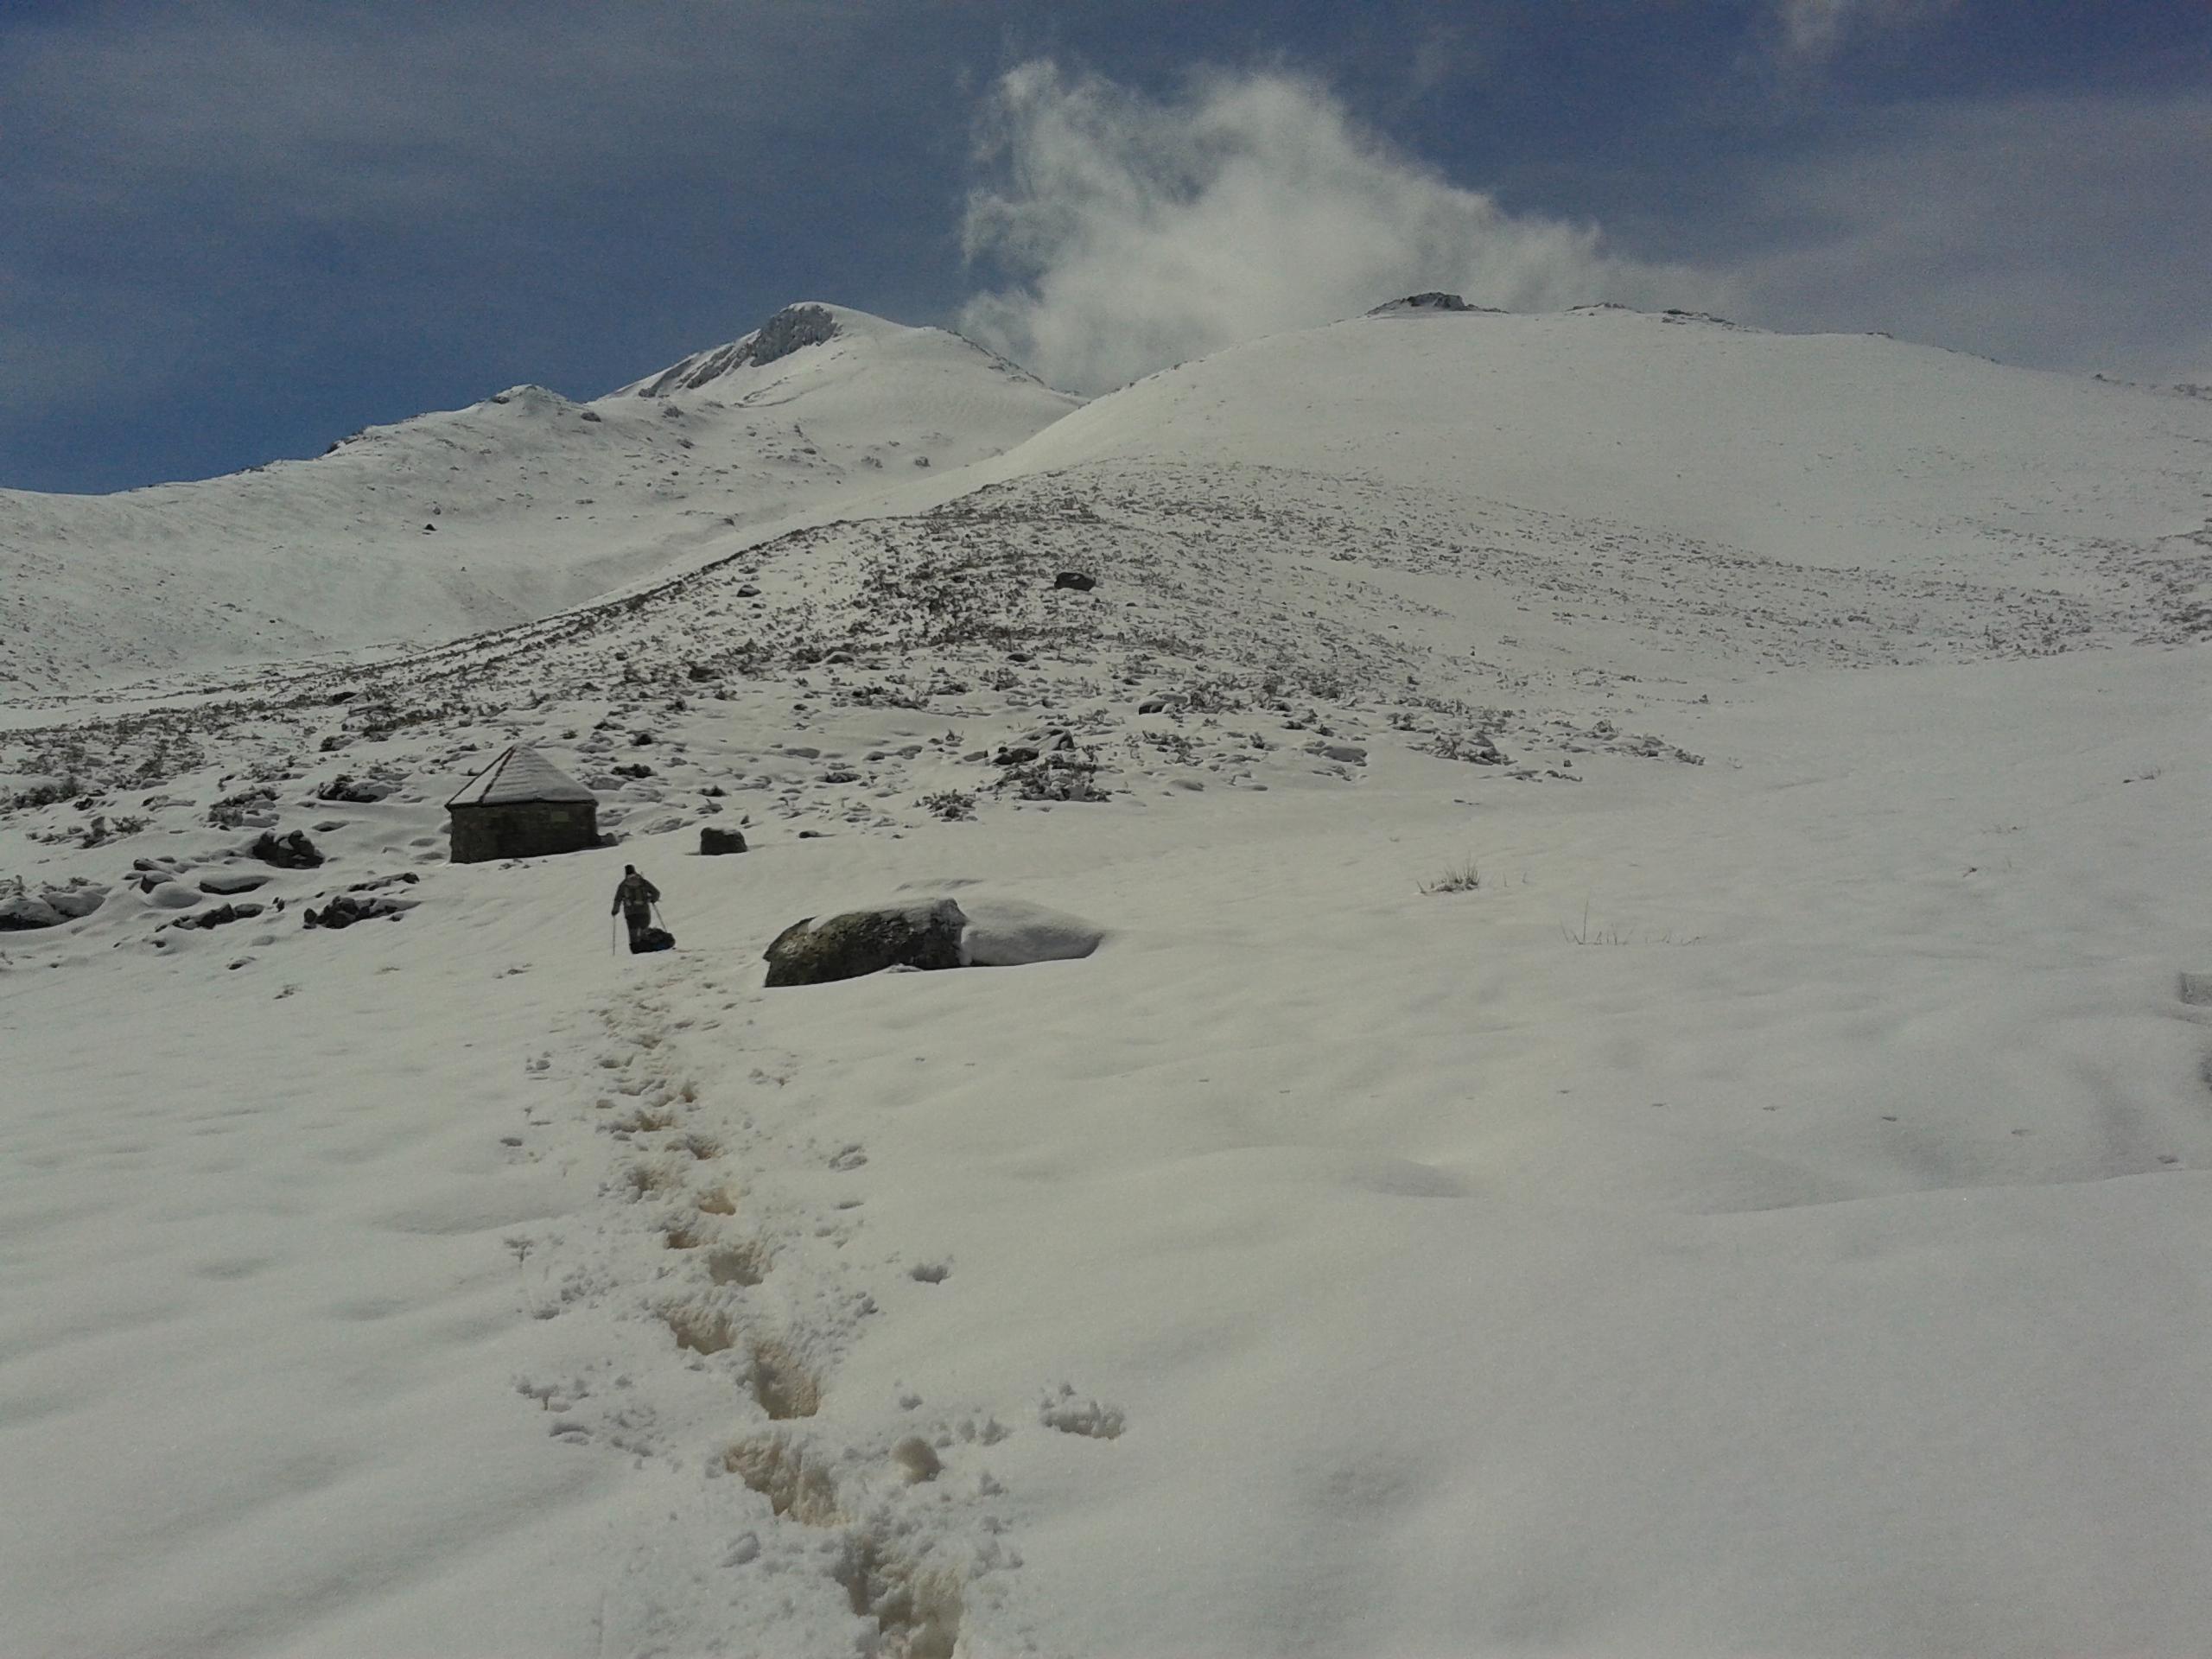 Y no pudimos subir, nos hundíamos en la nieve.